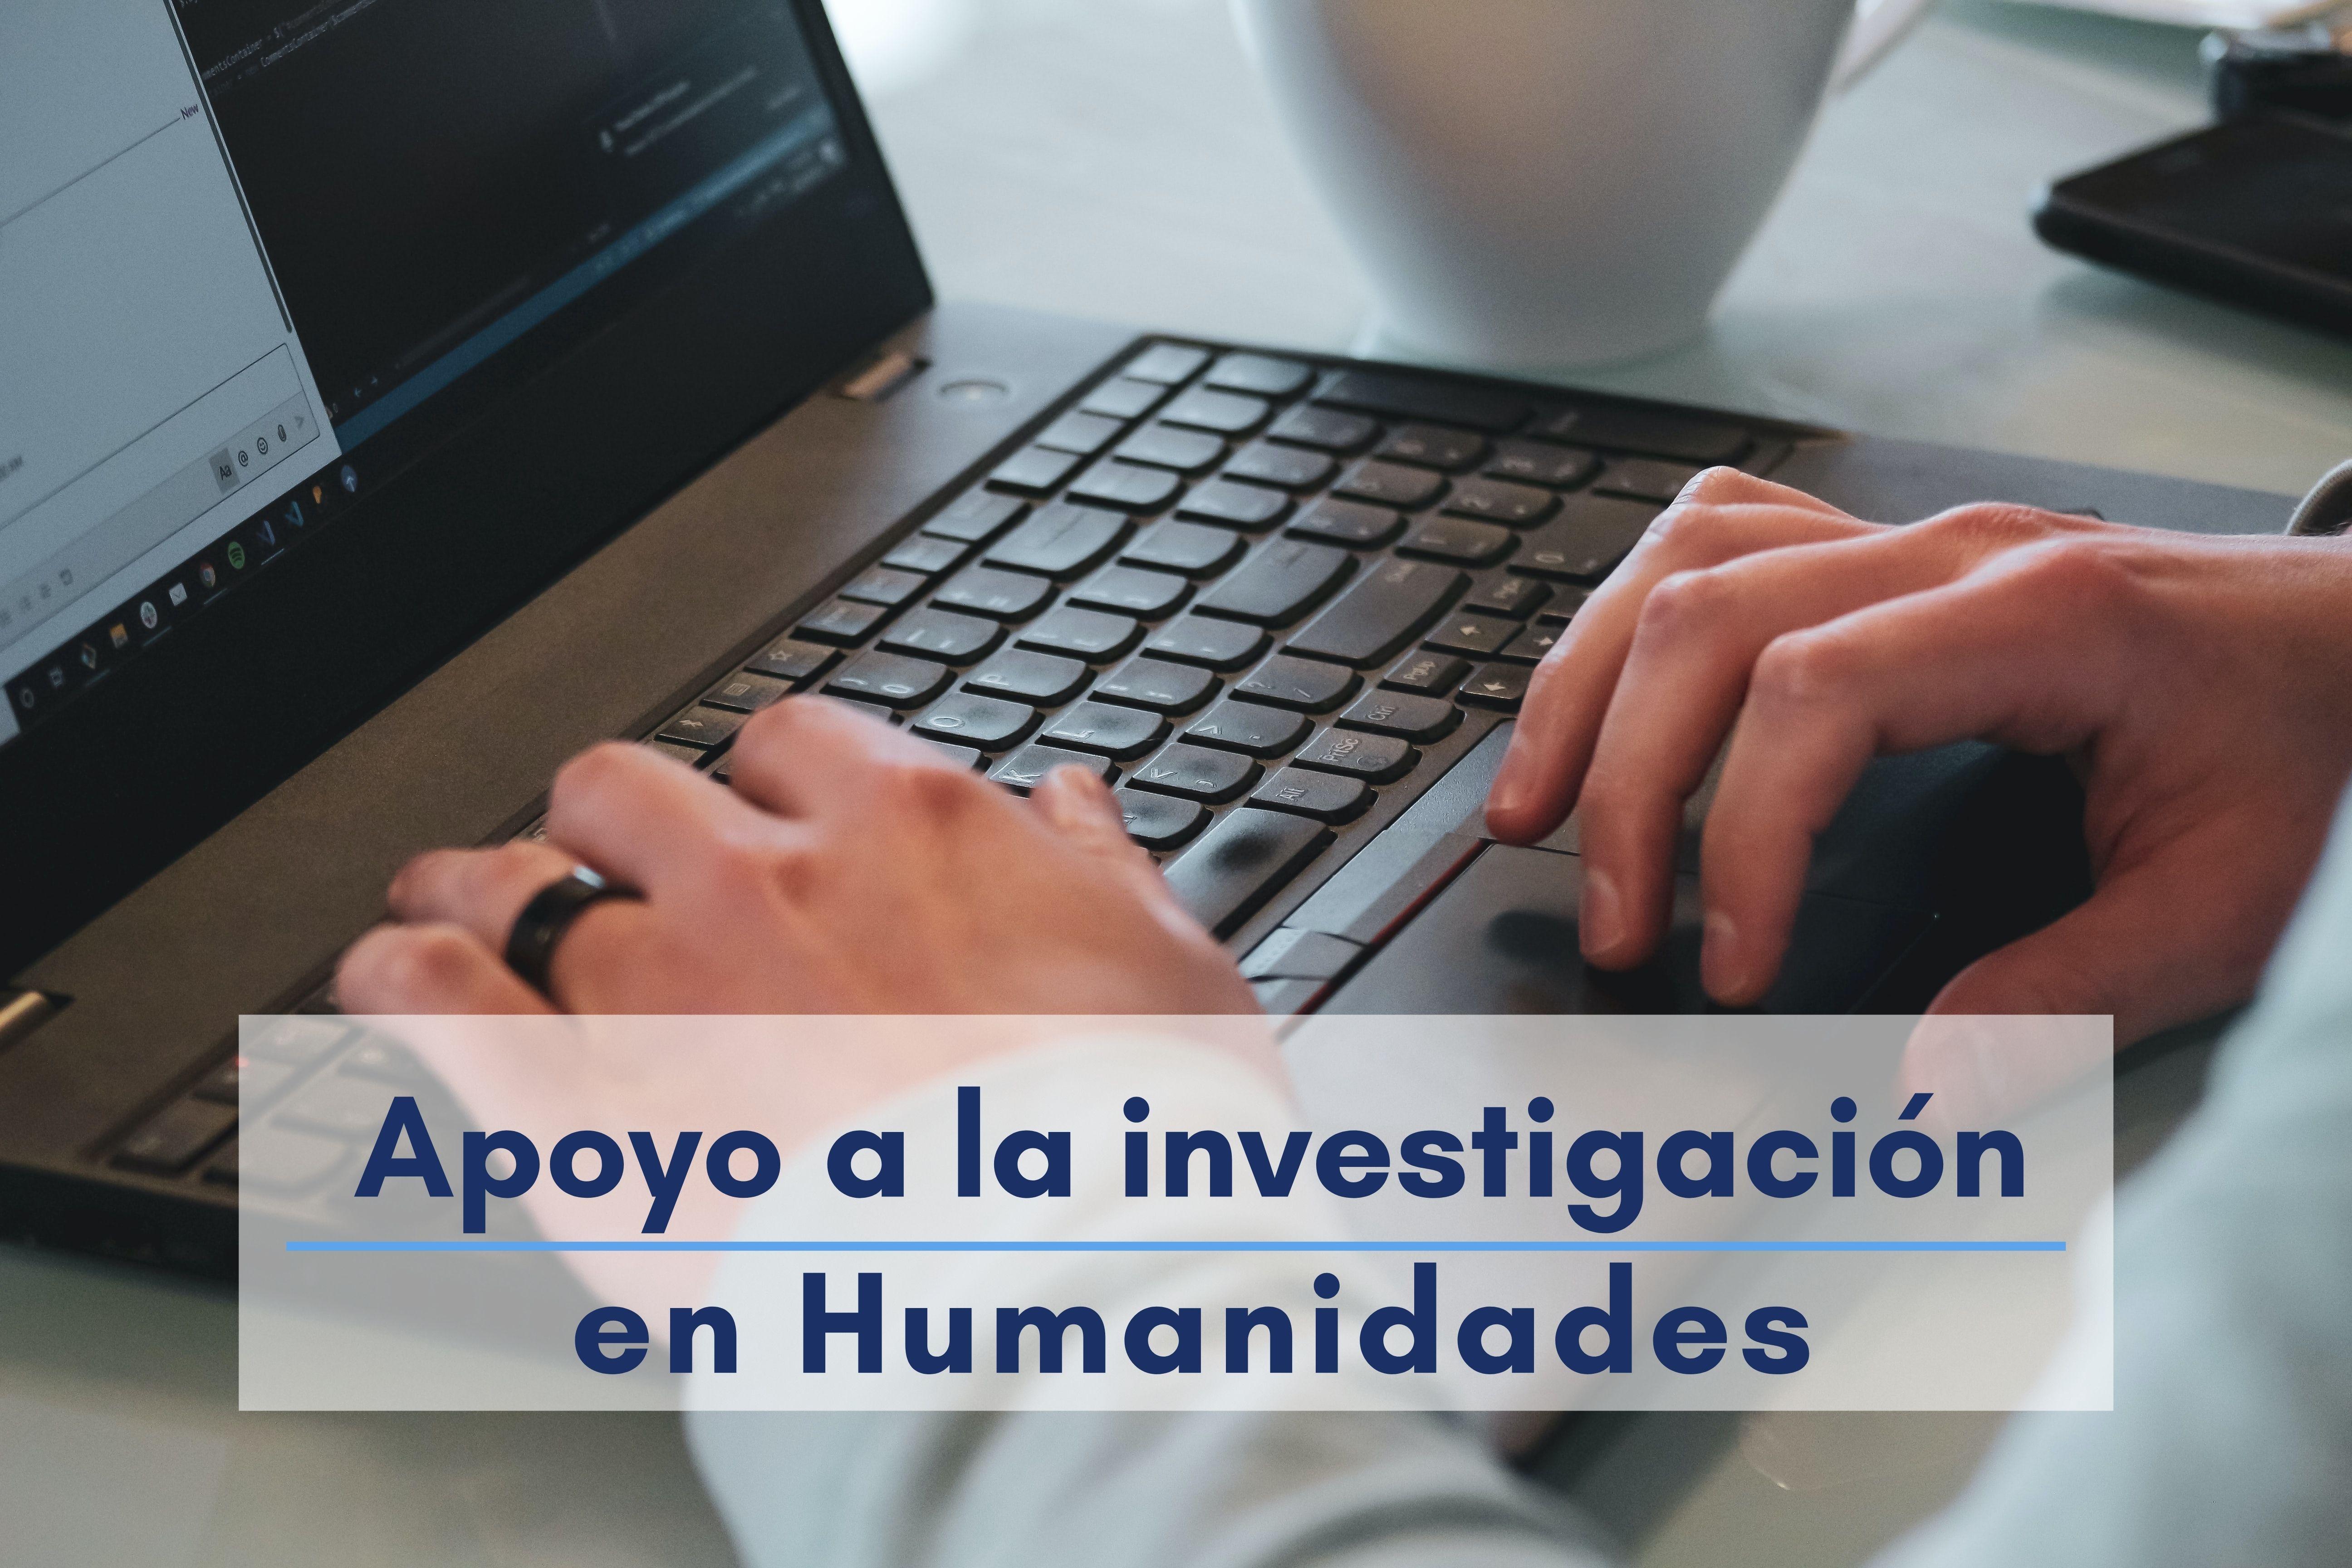 Apoyo a la investigación en Humanidades 3. Cómo y dónde publicar en Humanidades